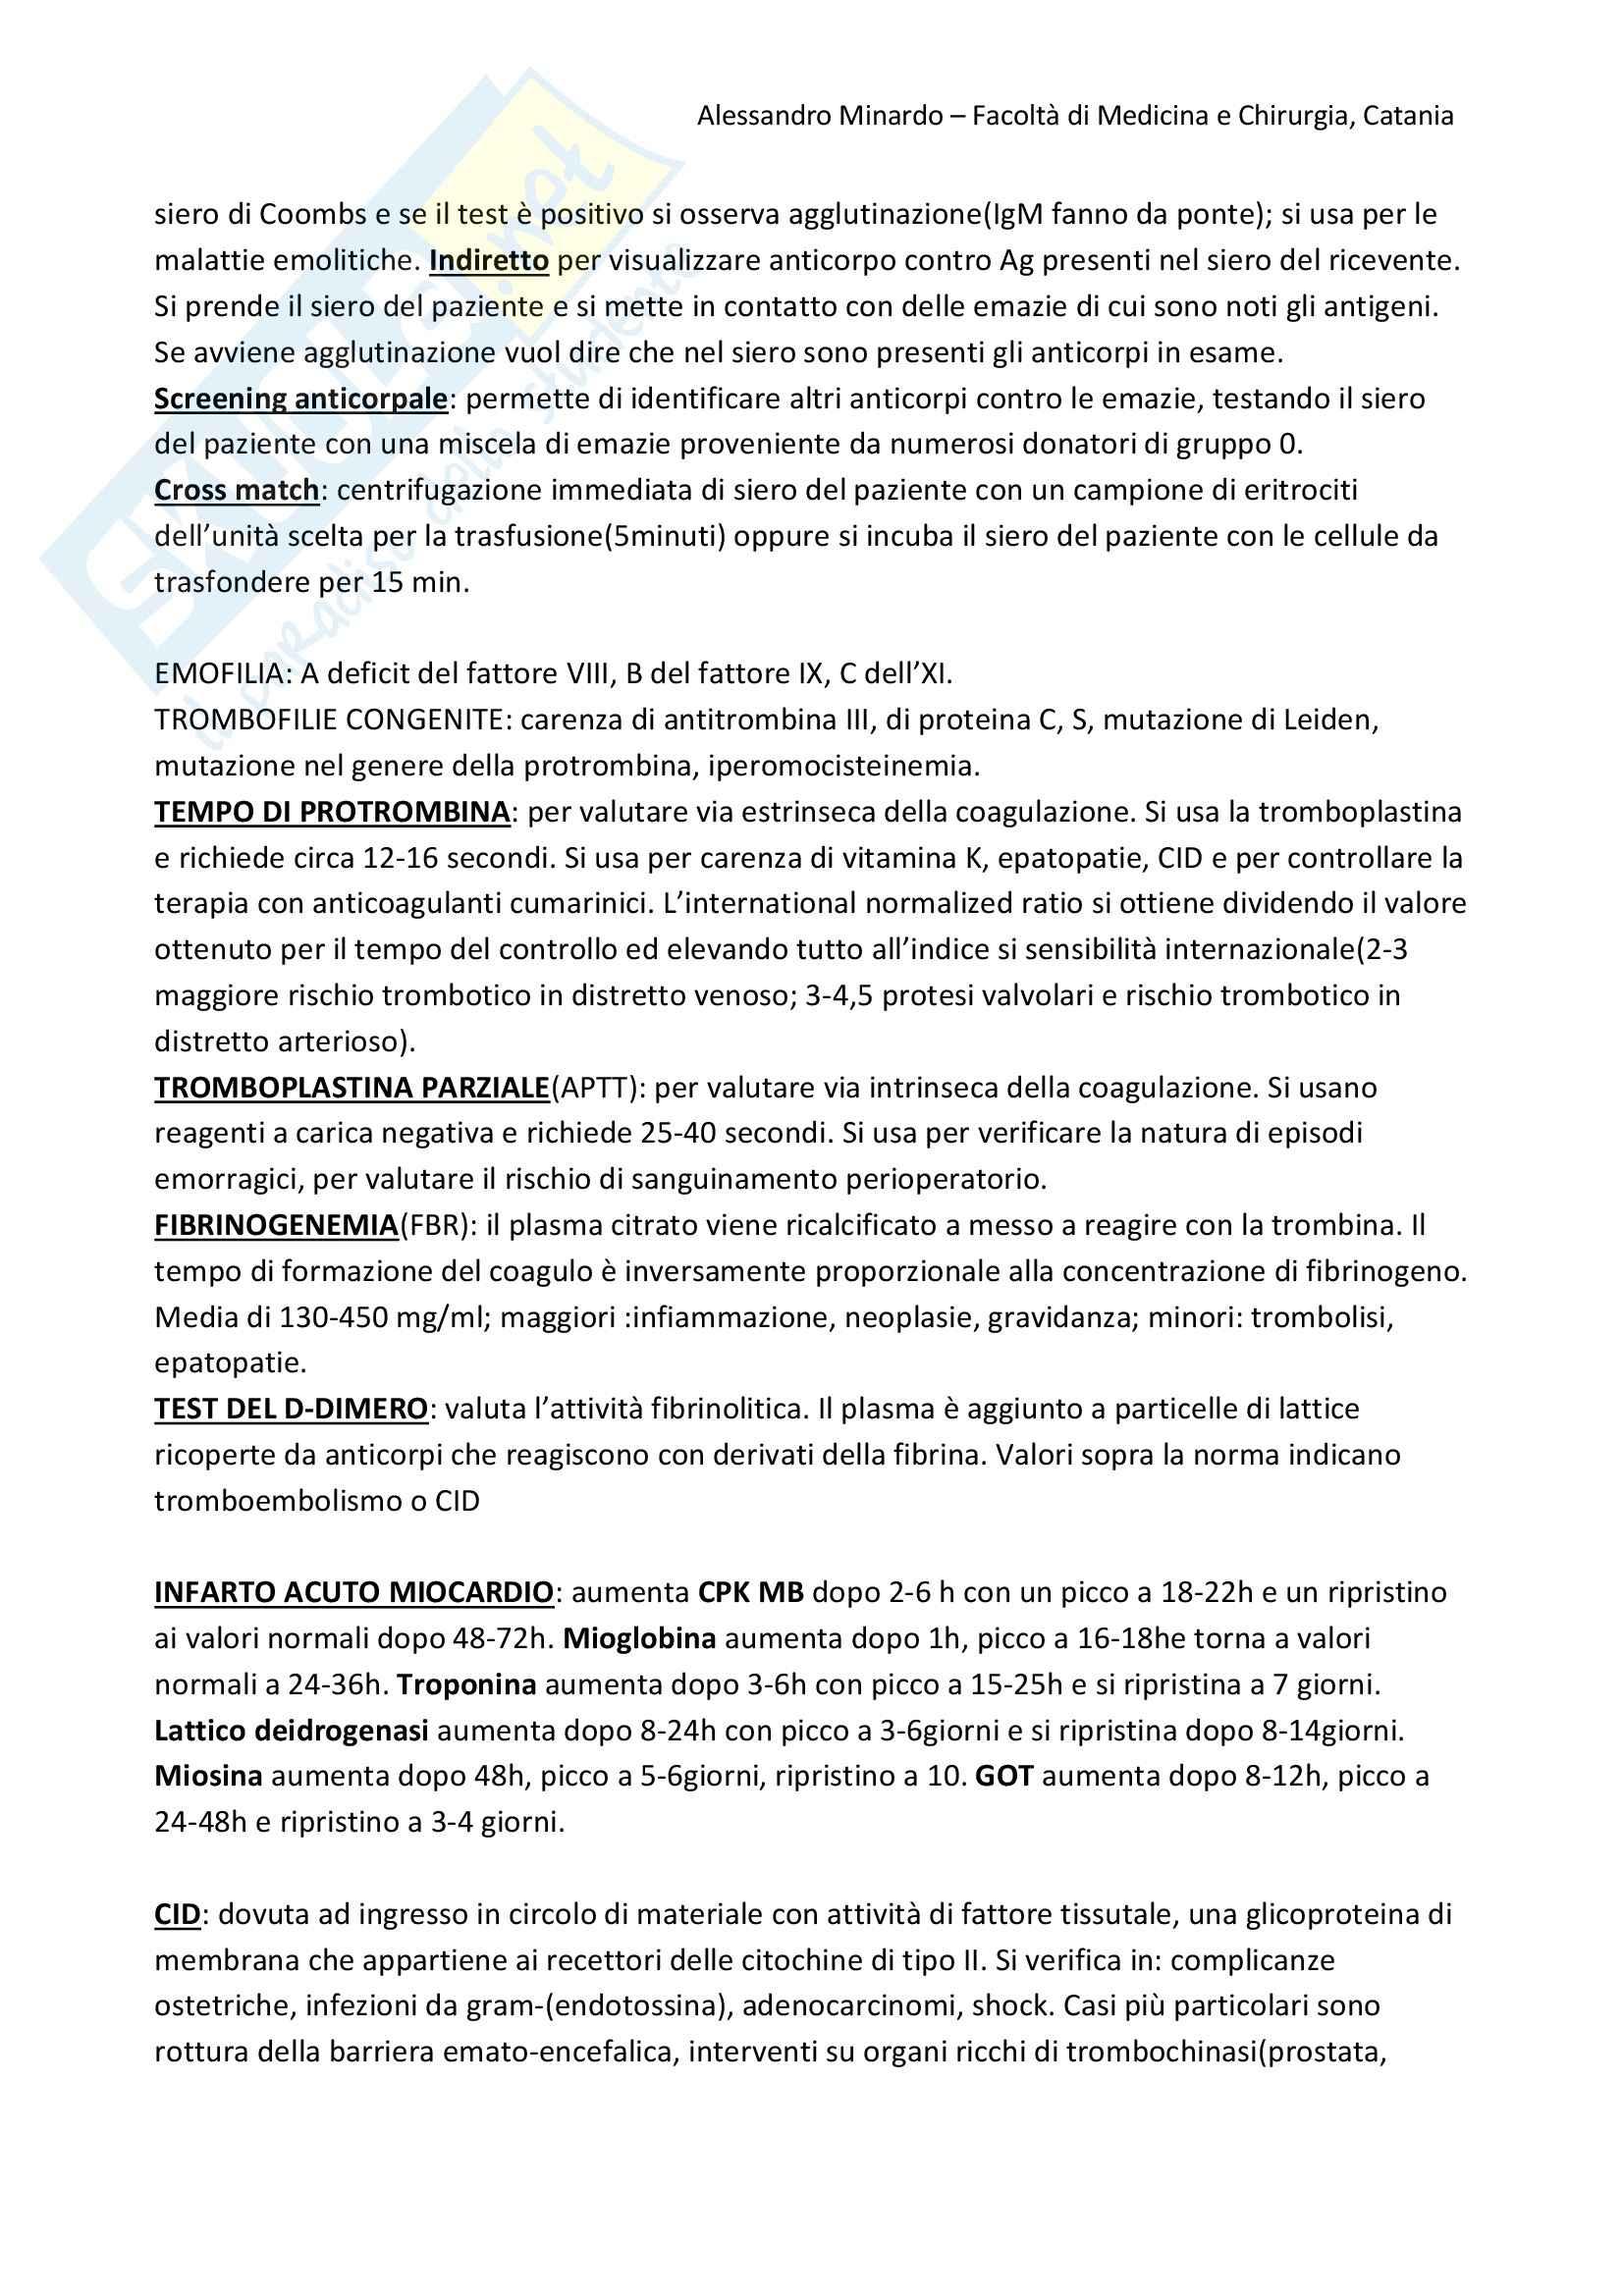 Biochimica  e Patologia clinica - Appunti Pag. 26